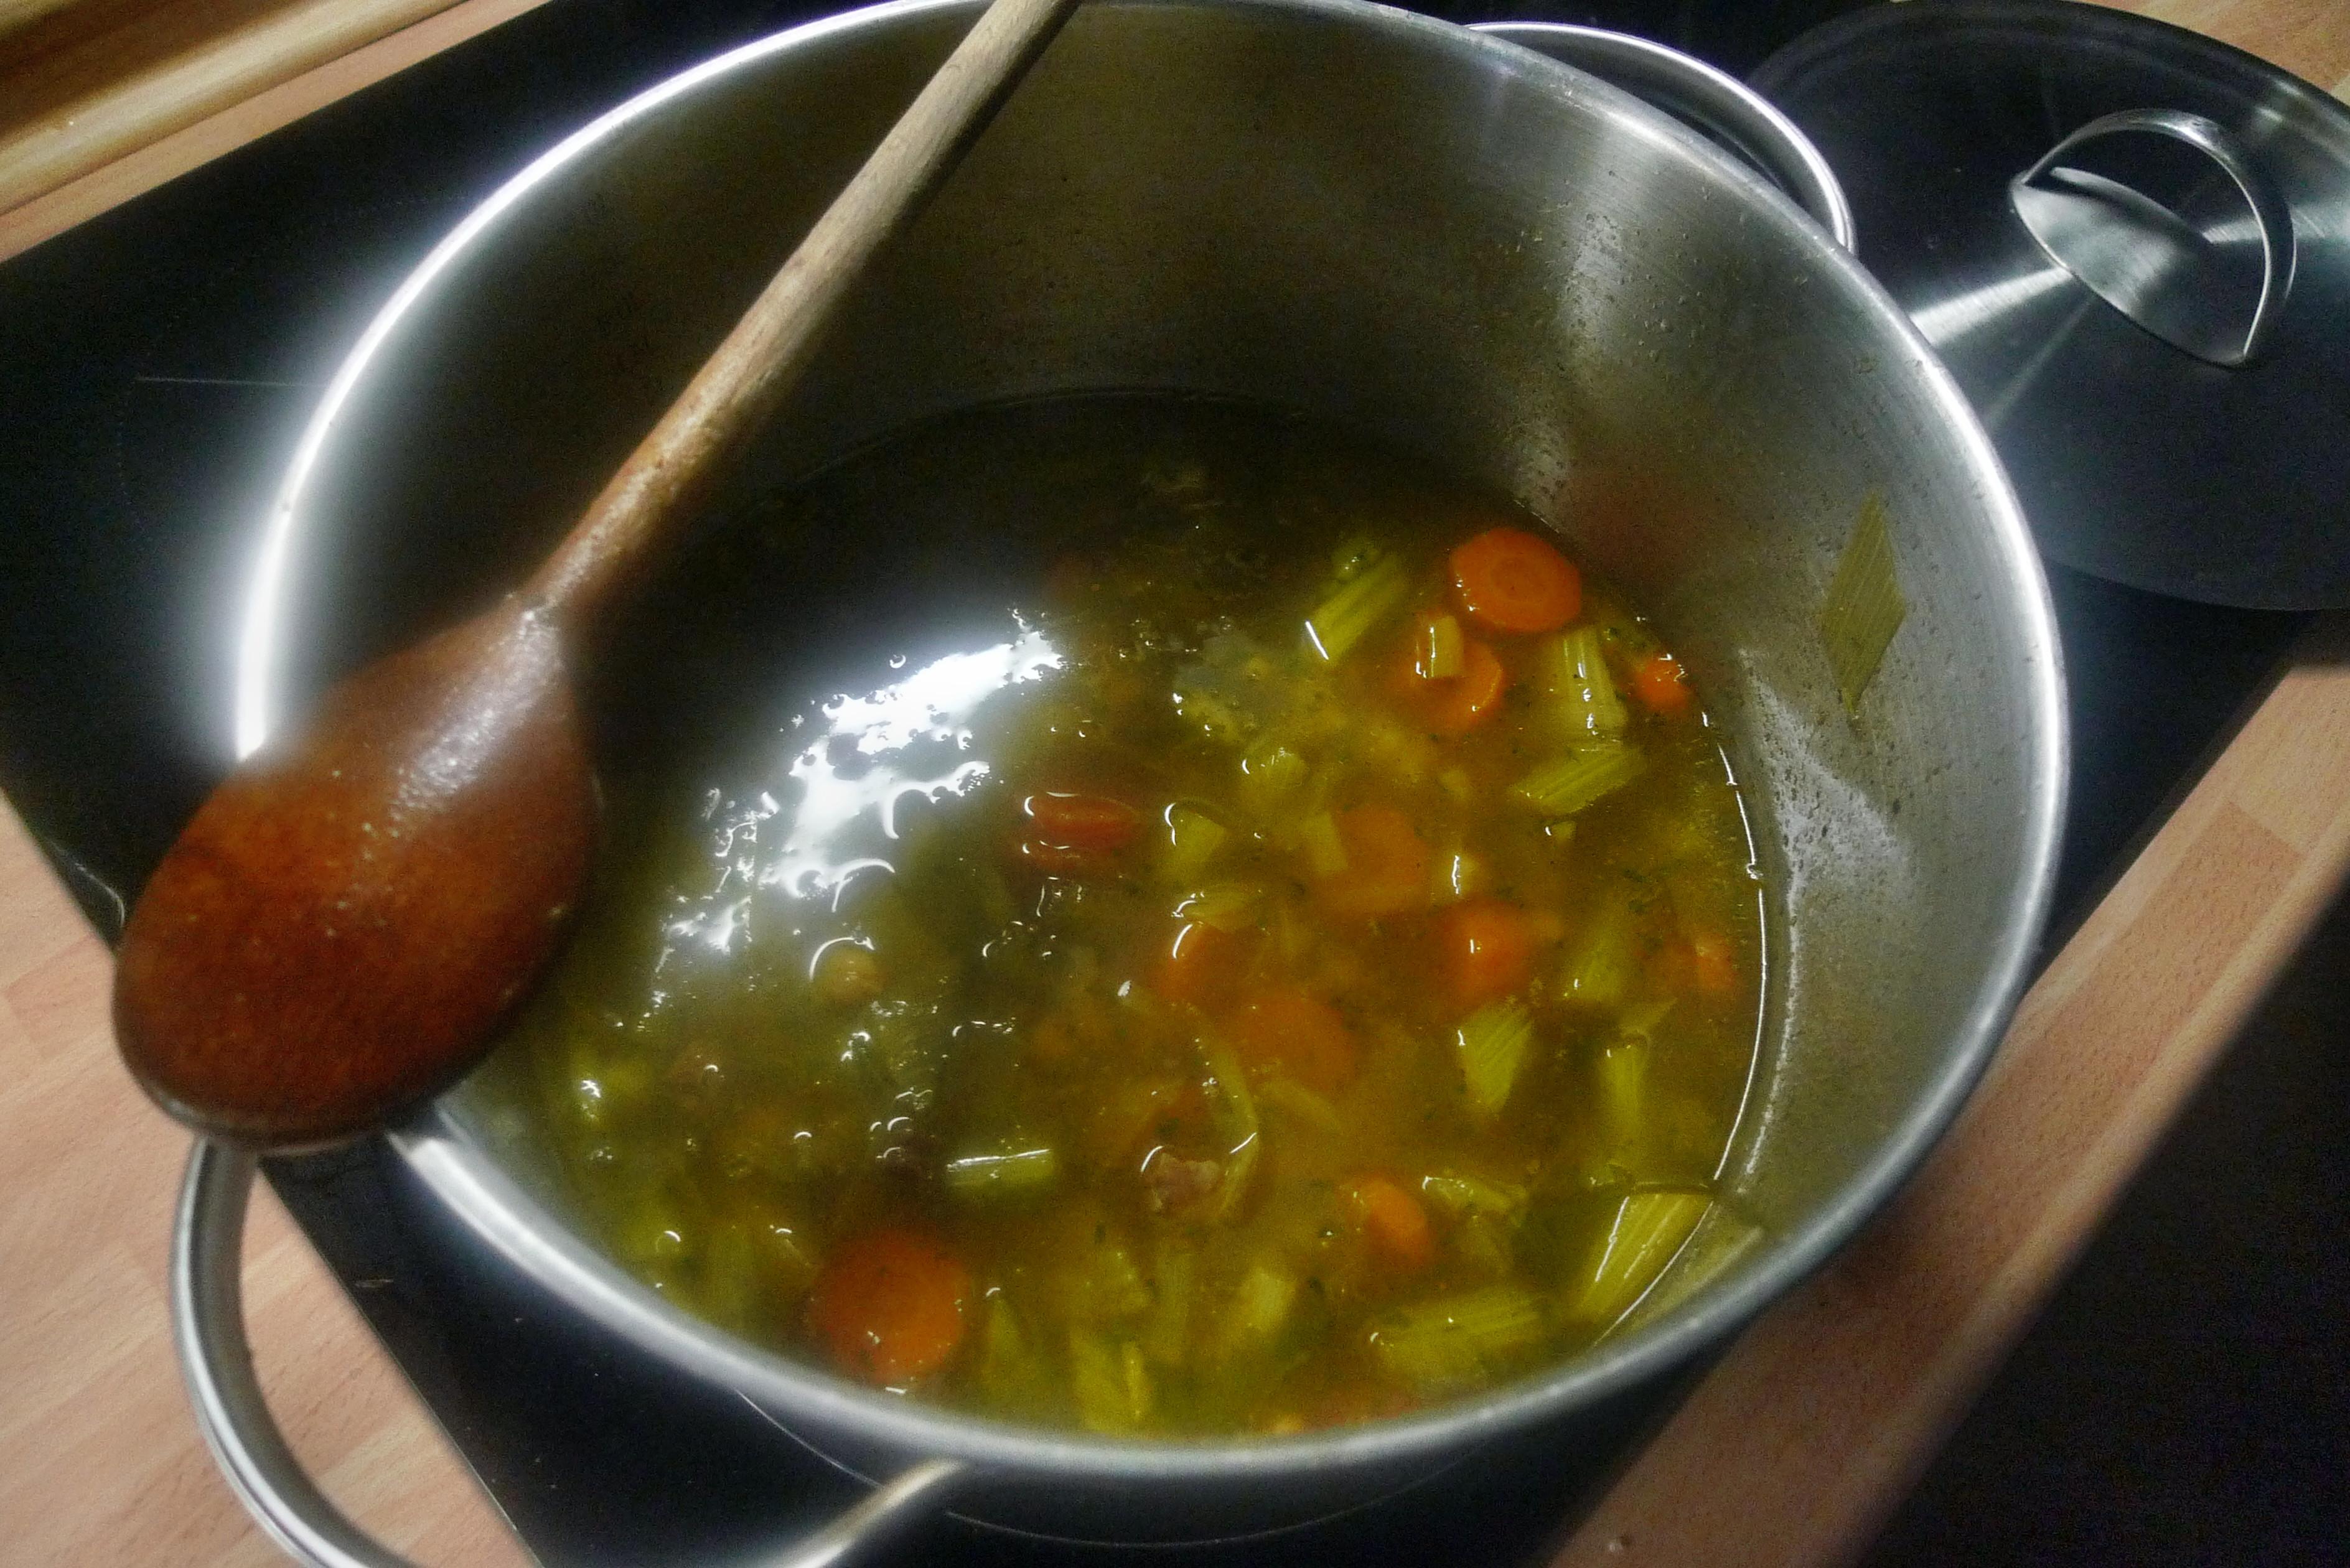 Gemüsesuppe mit Kichererbsen- vegan- 16.10.14   (13)